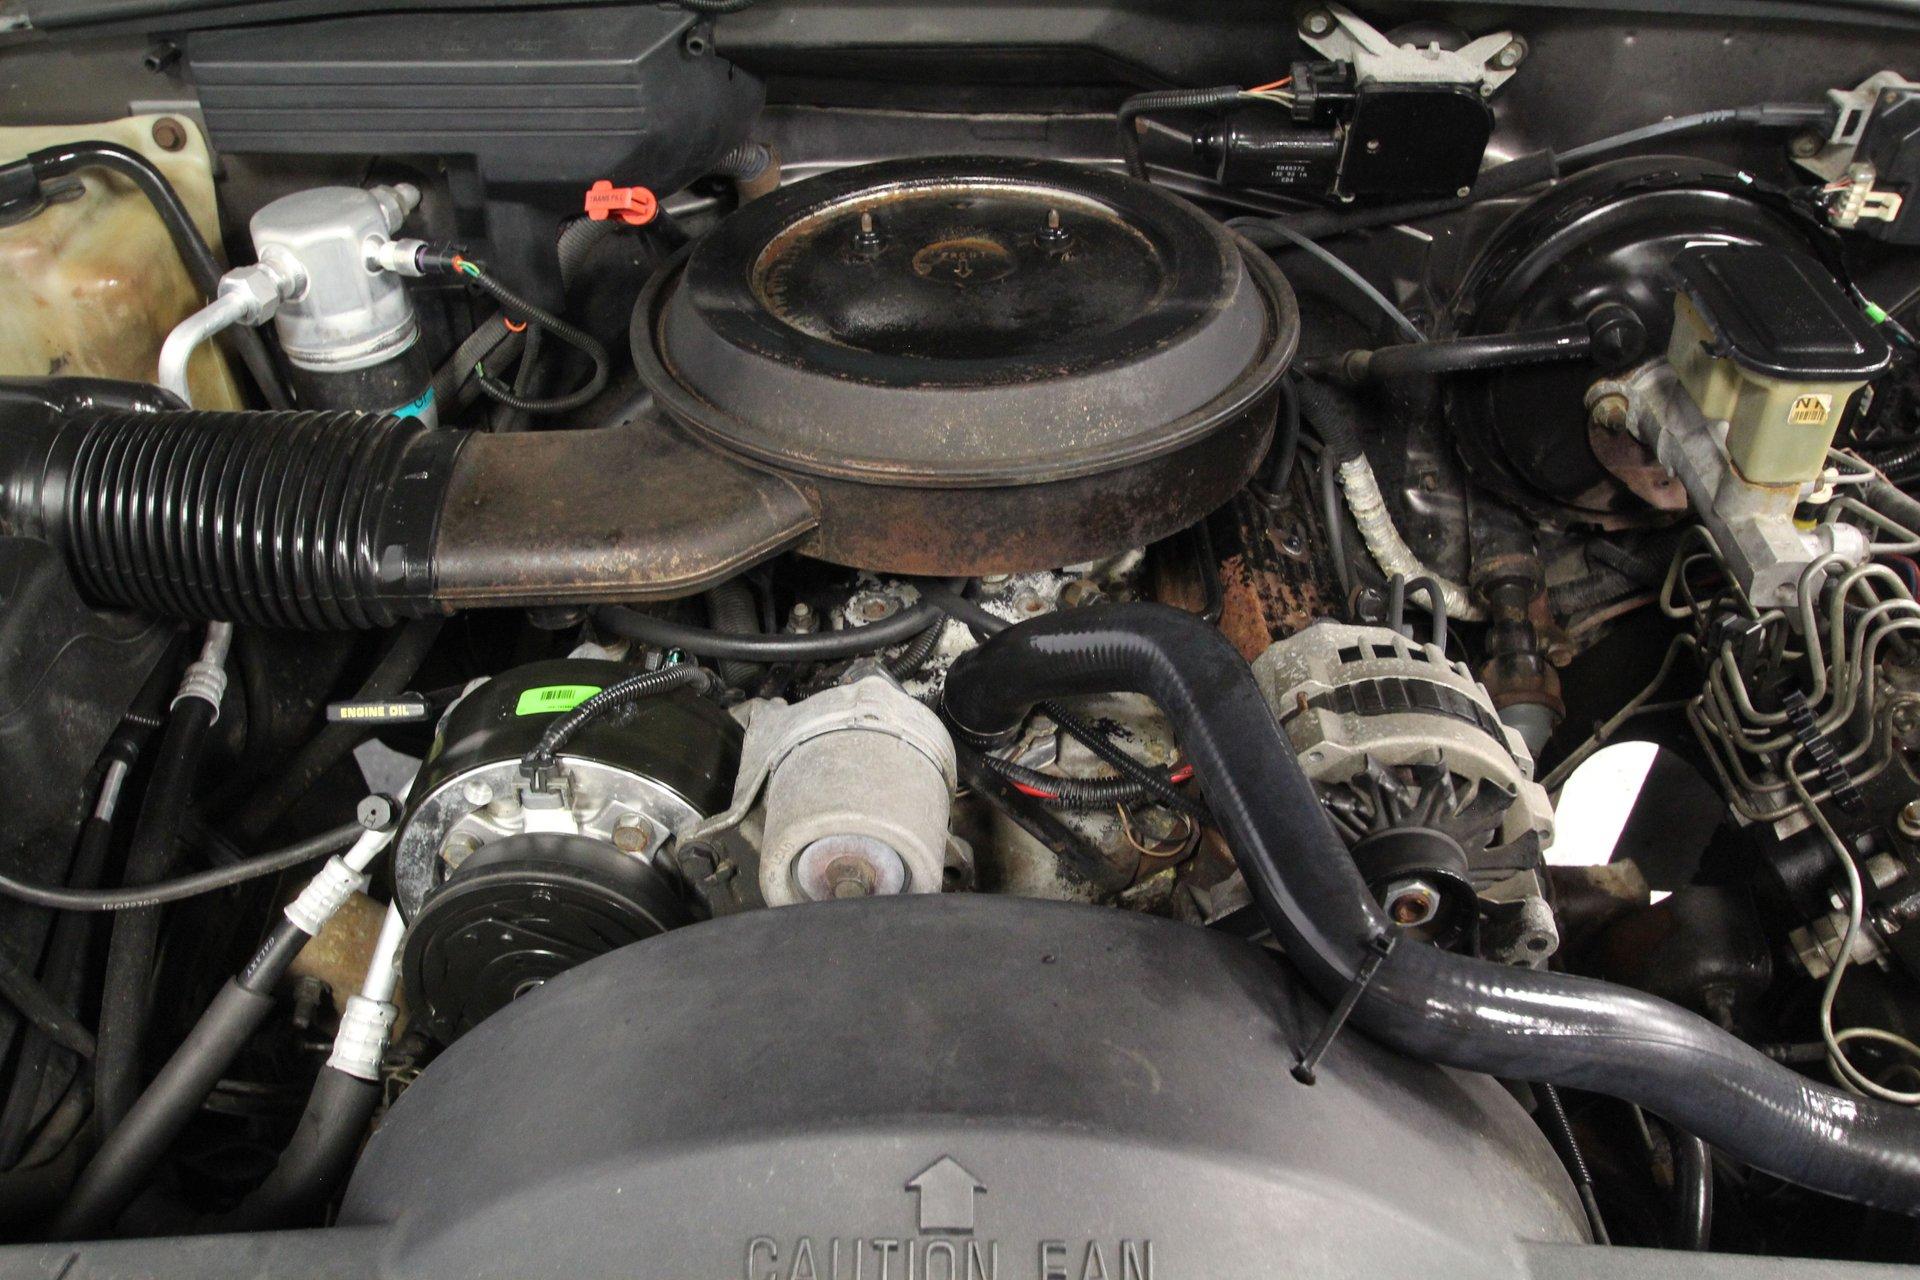 1993 chevrolet blazer k5 4x4 silverado